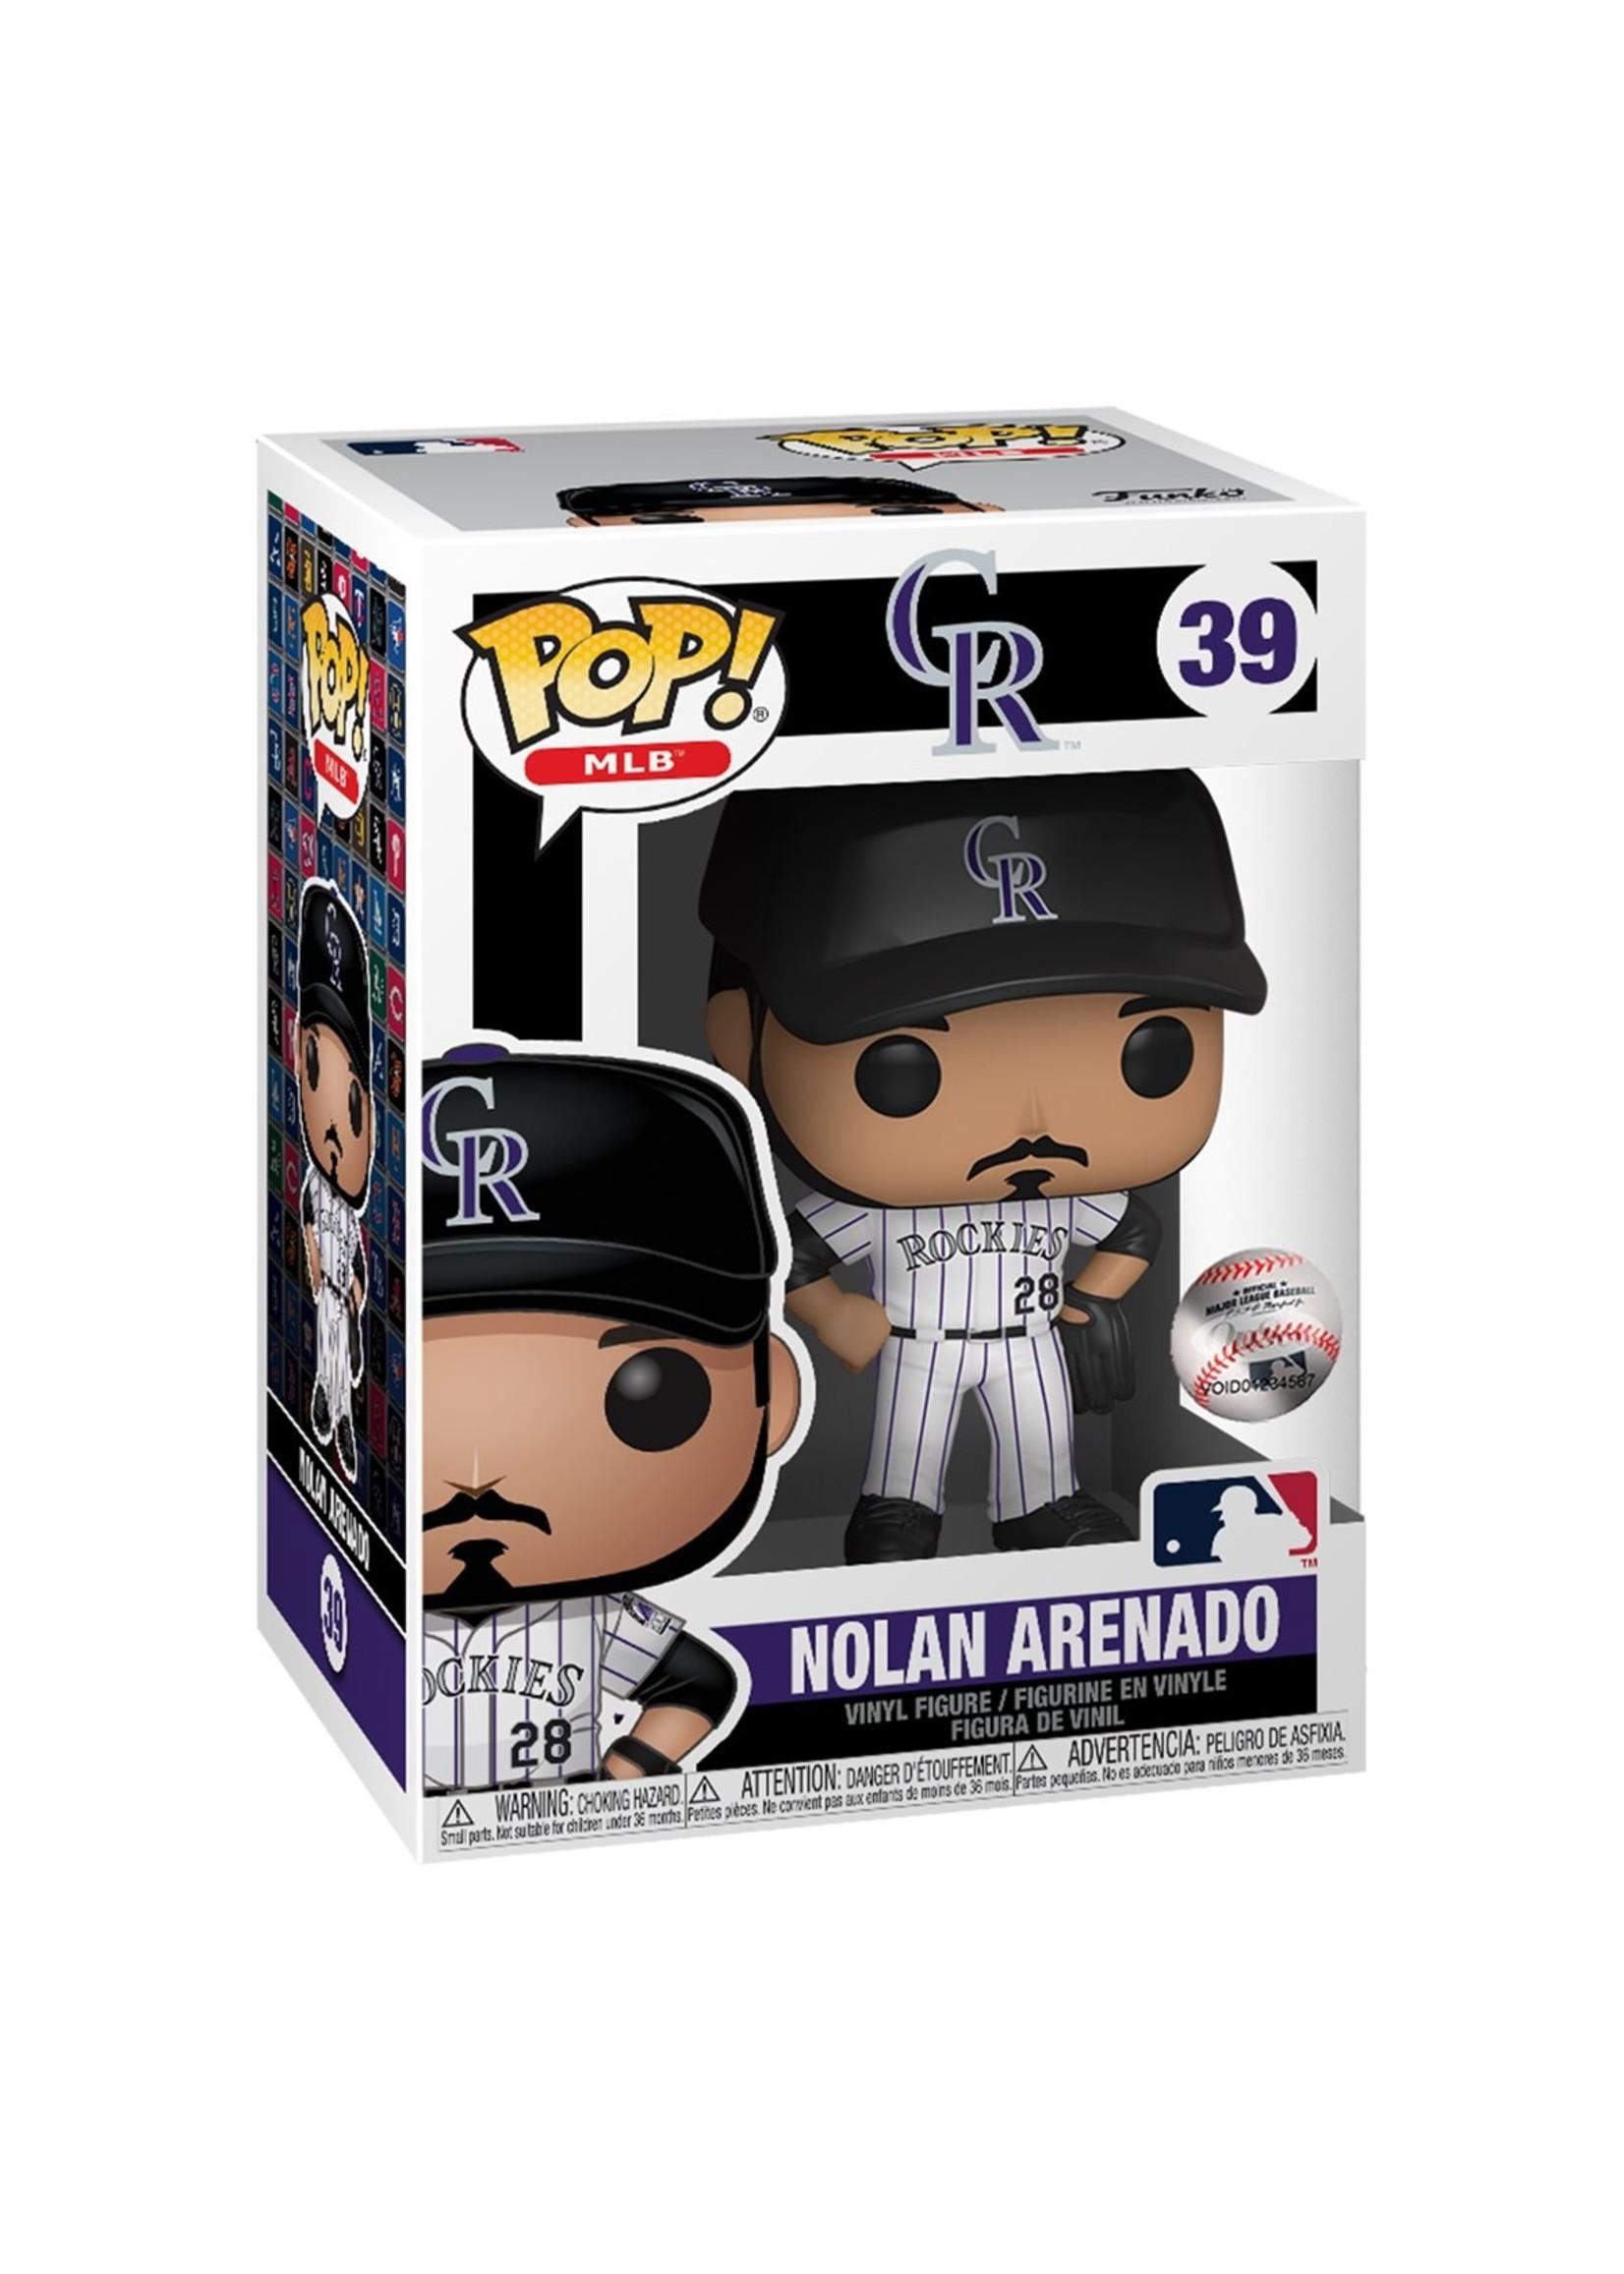 MLB - Nolan Arenado